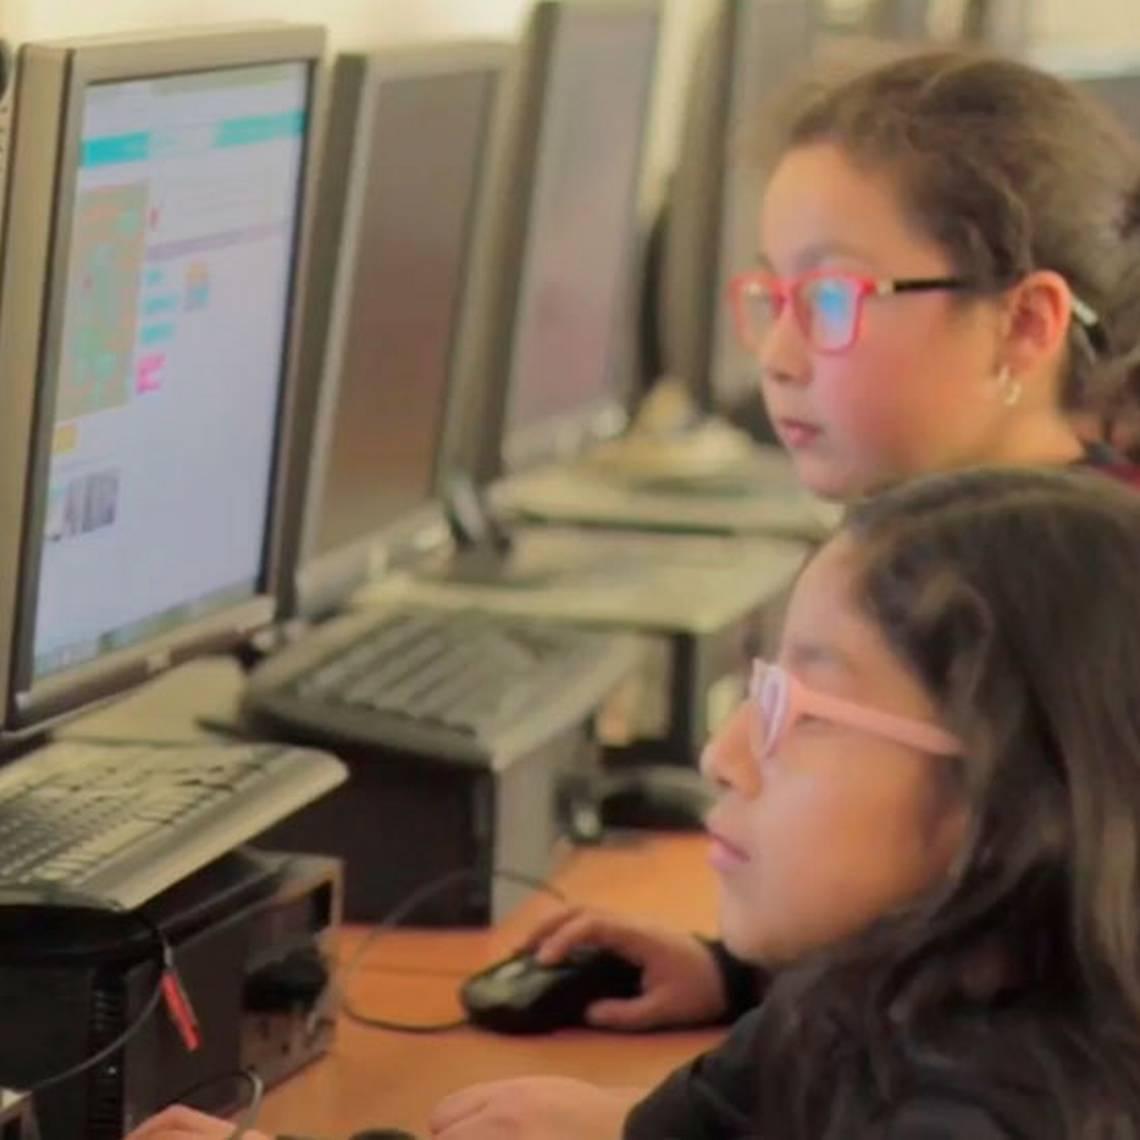 Niños pueden aprender programación jugando con Star Wars y la Era del Hielo